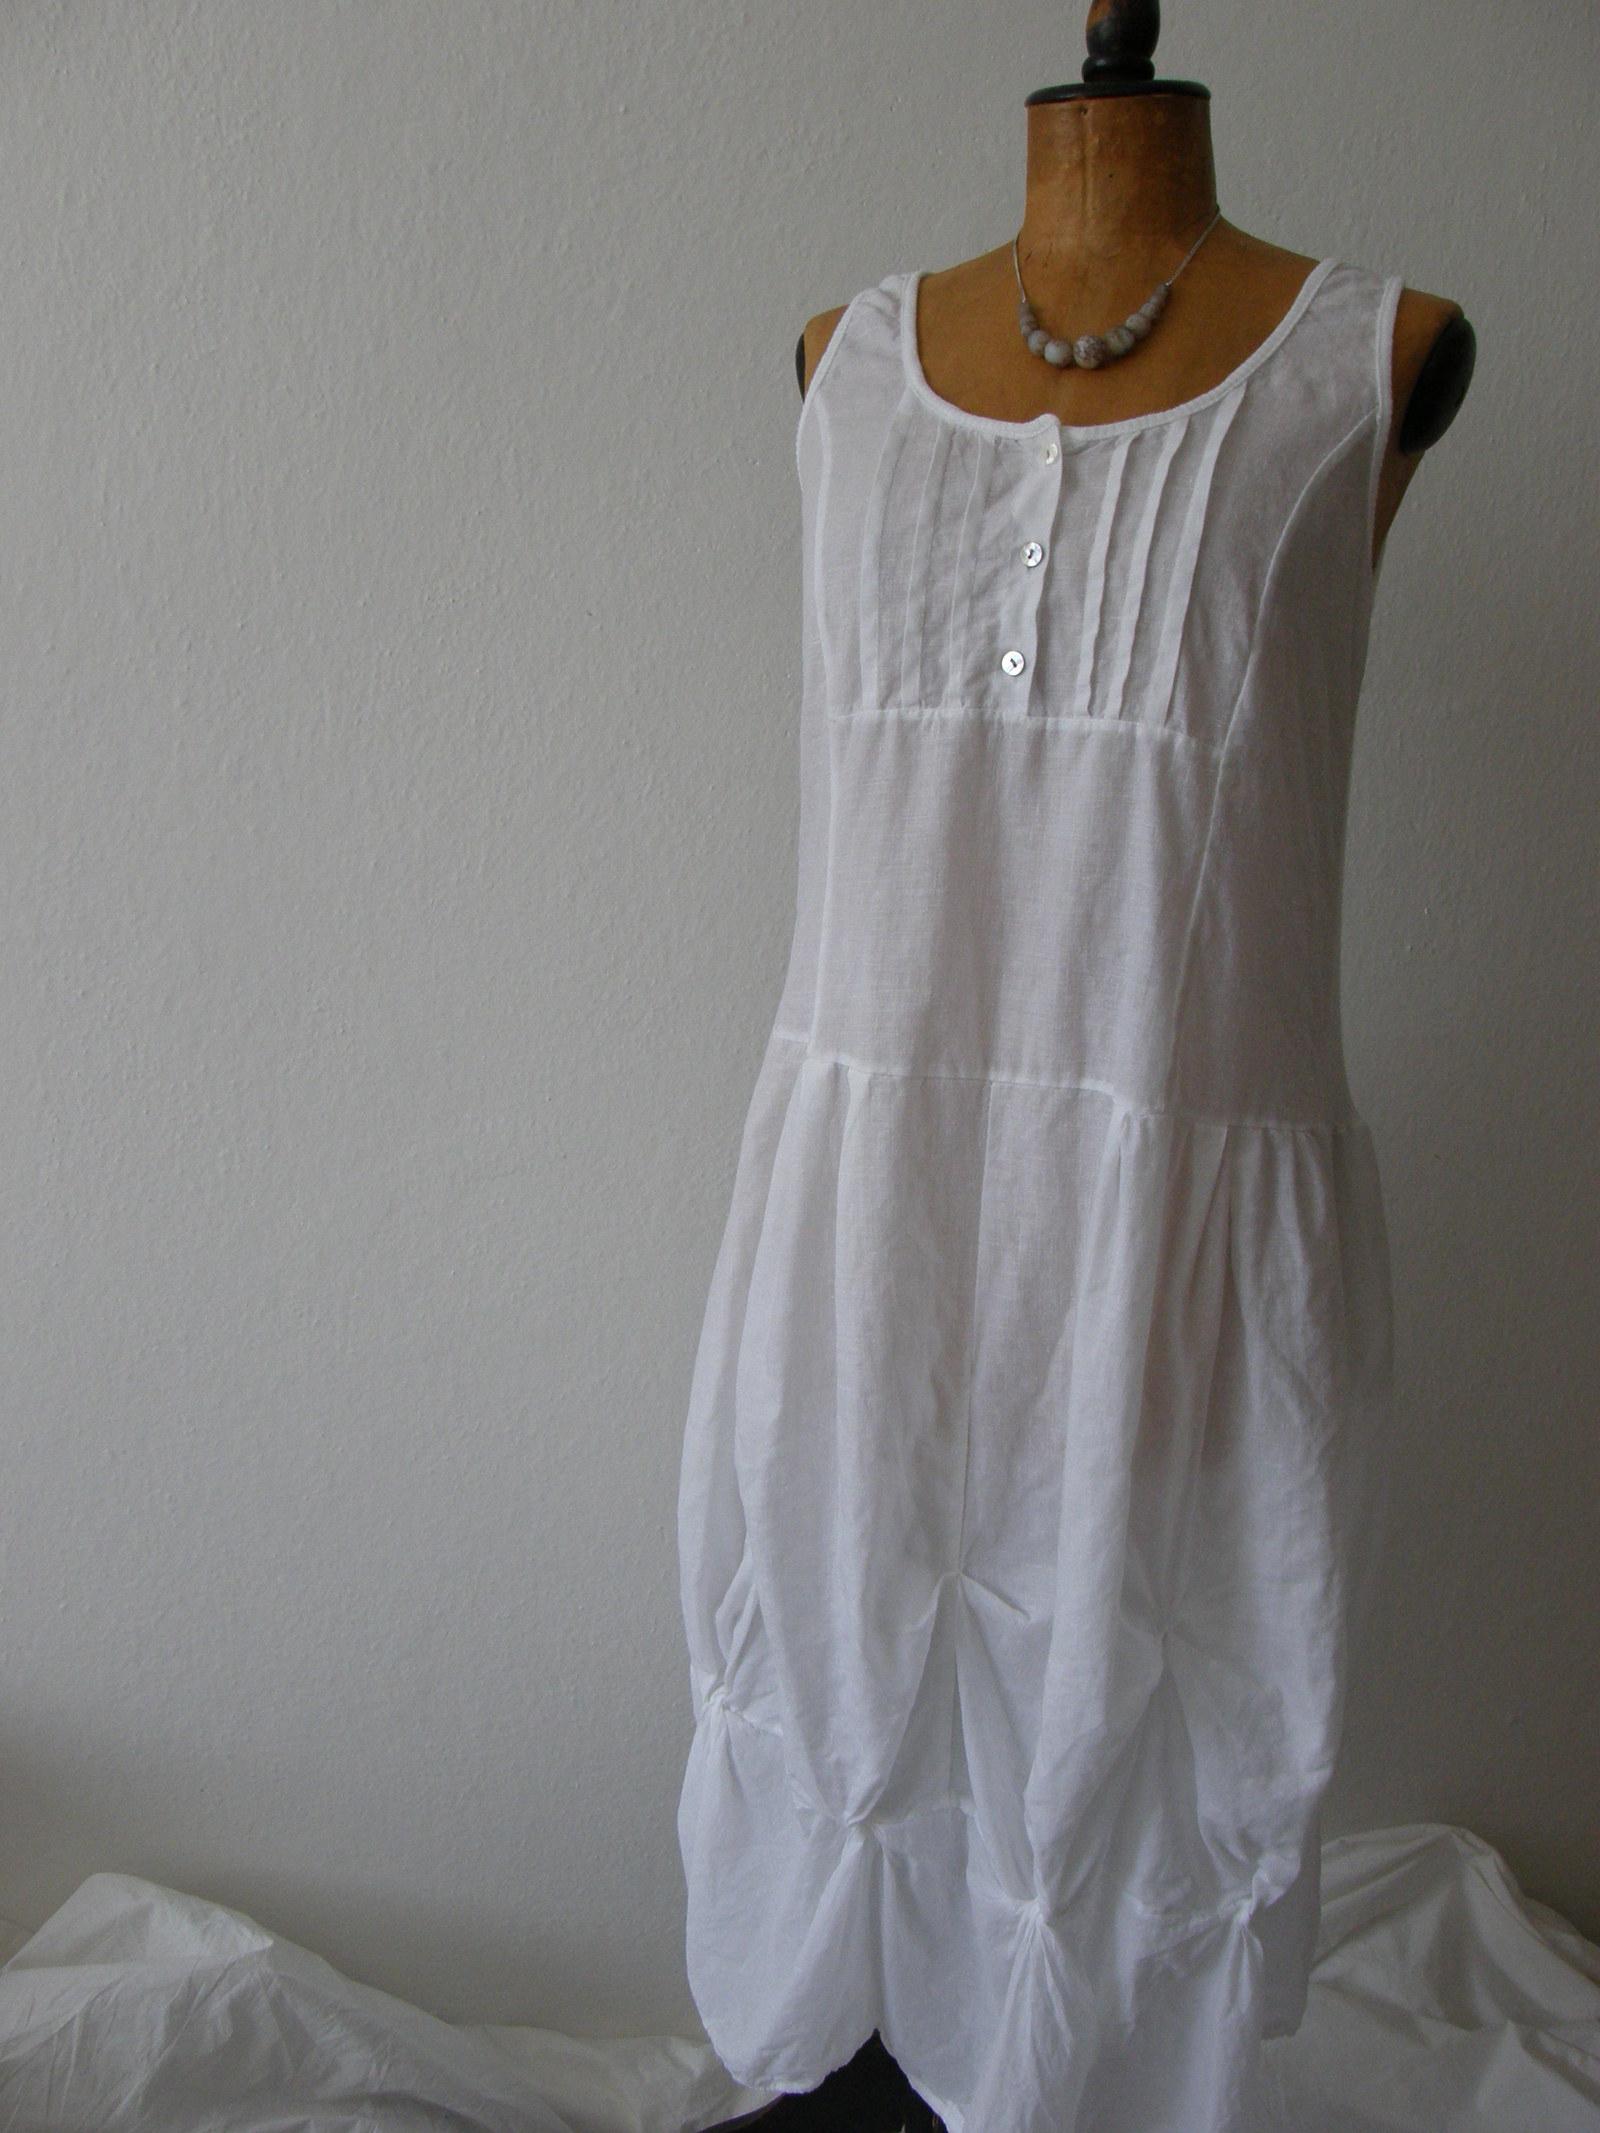 šaty bílé len a bavlna   Zboží prodejce Tolaja  e93af0b4b0